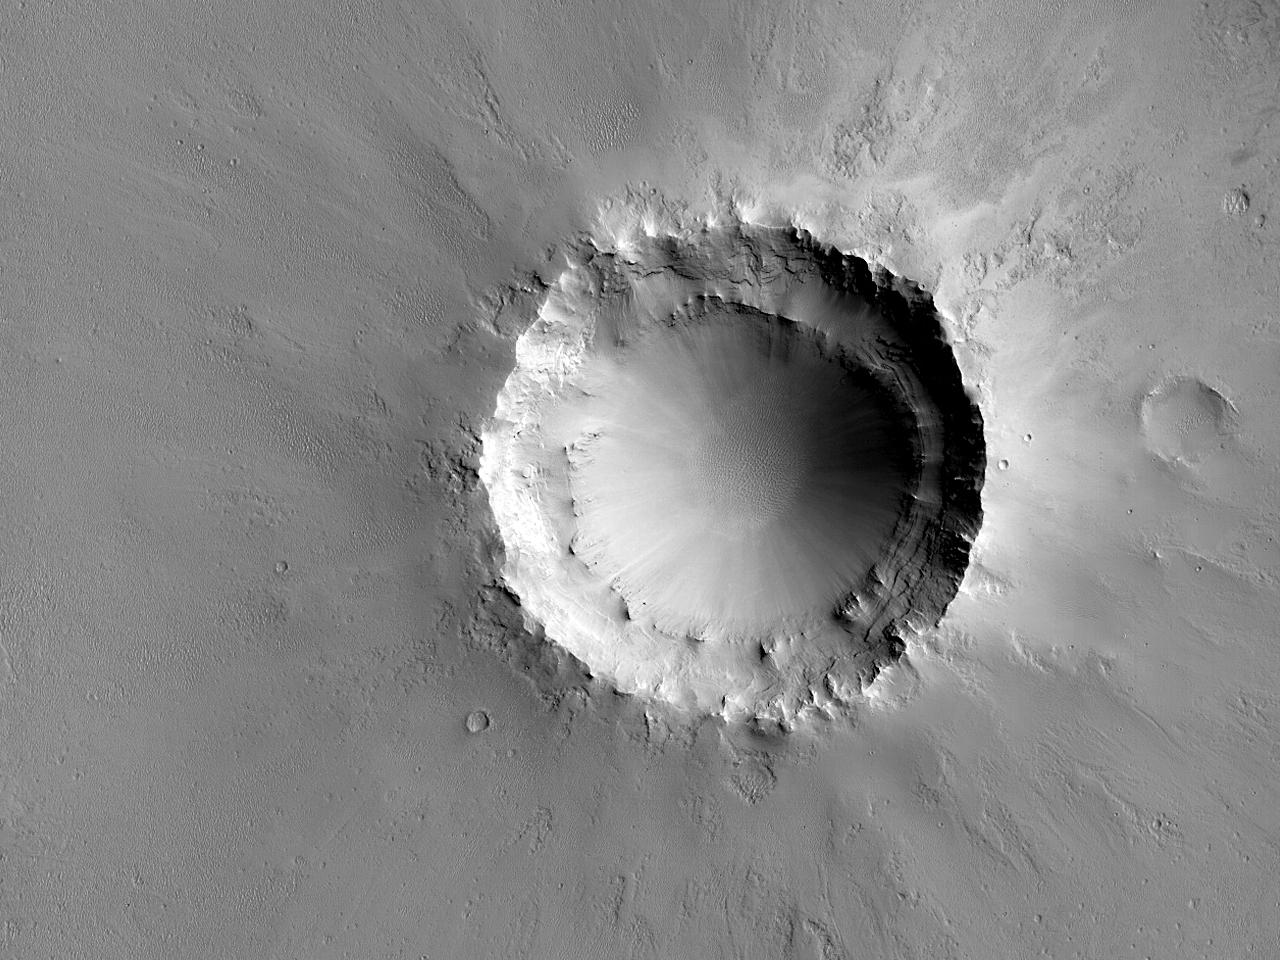 Crater în care sunt expuse sedimente stratificate